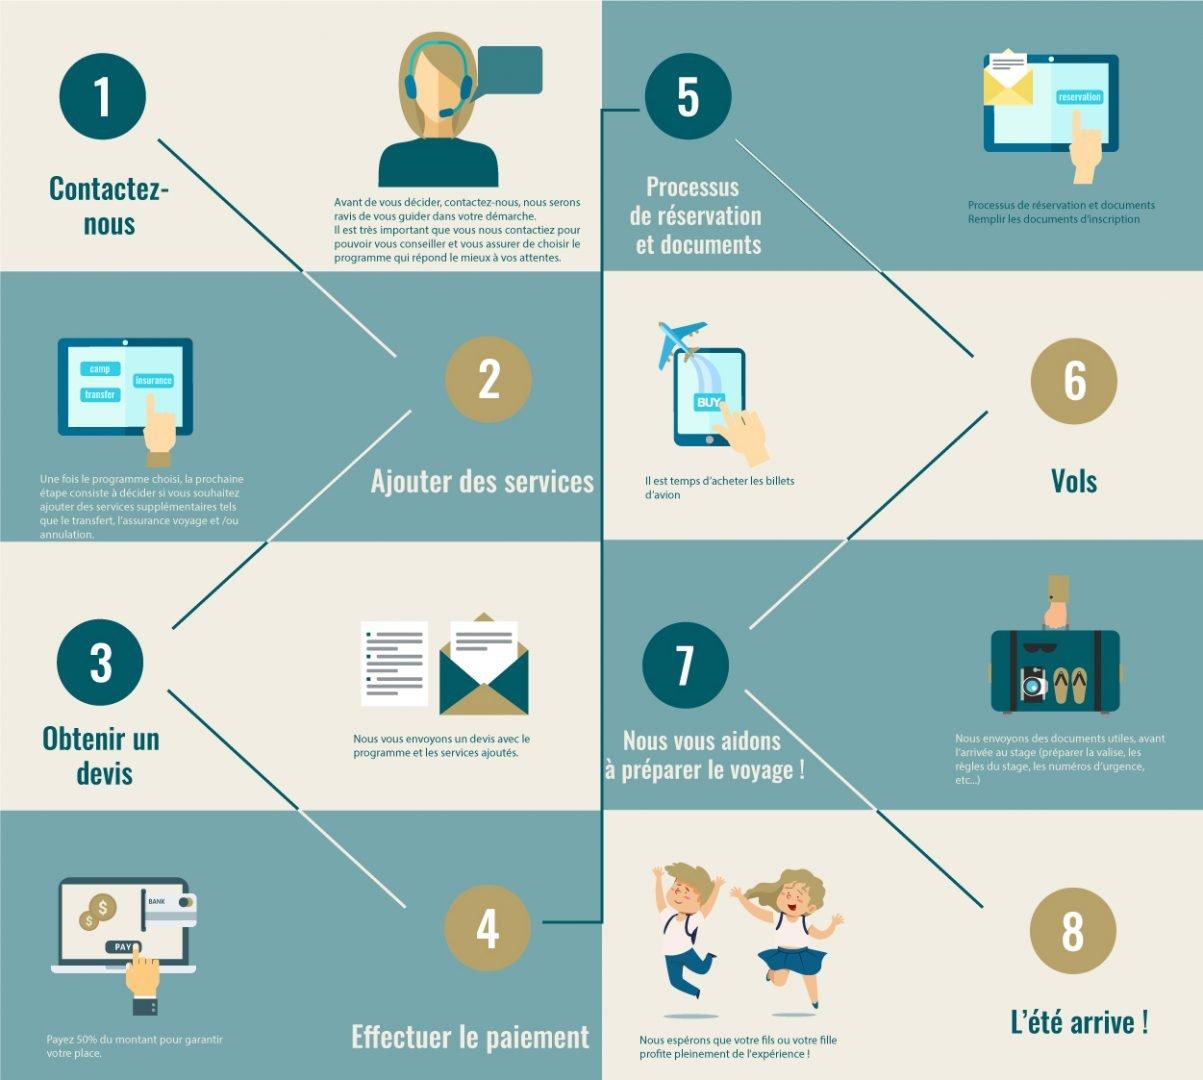 info french - Processus de réservation Ertheo